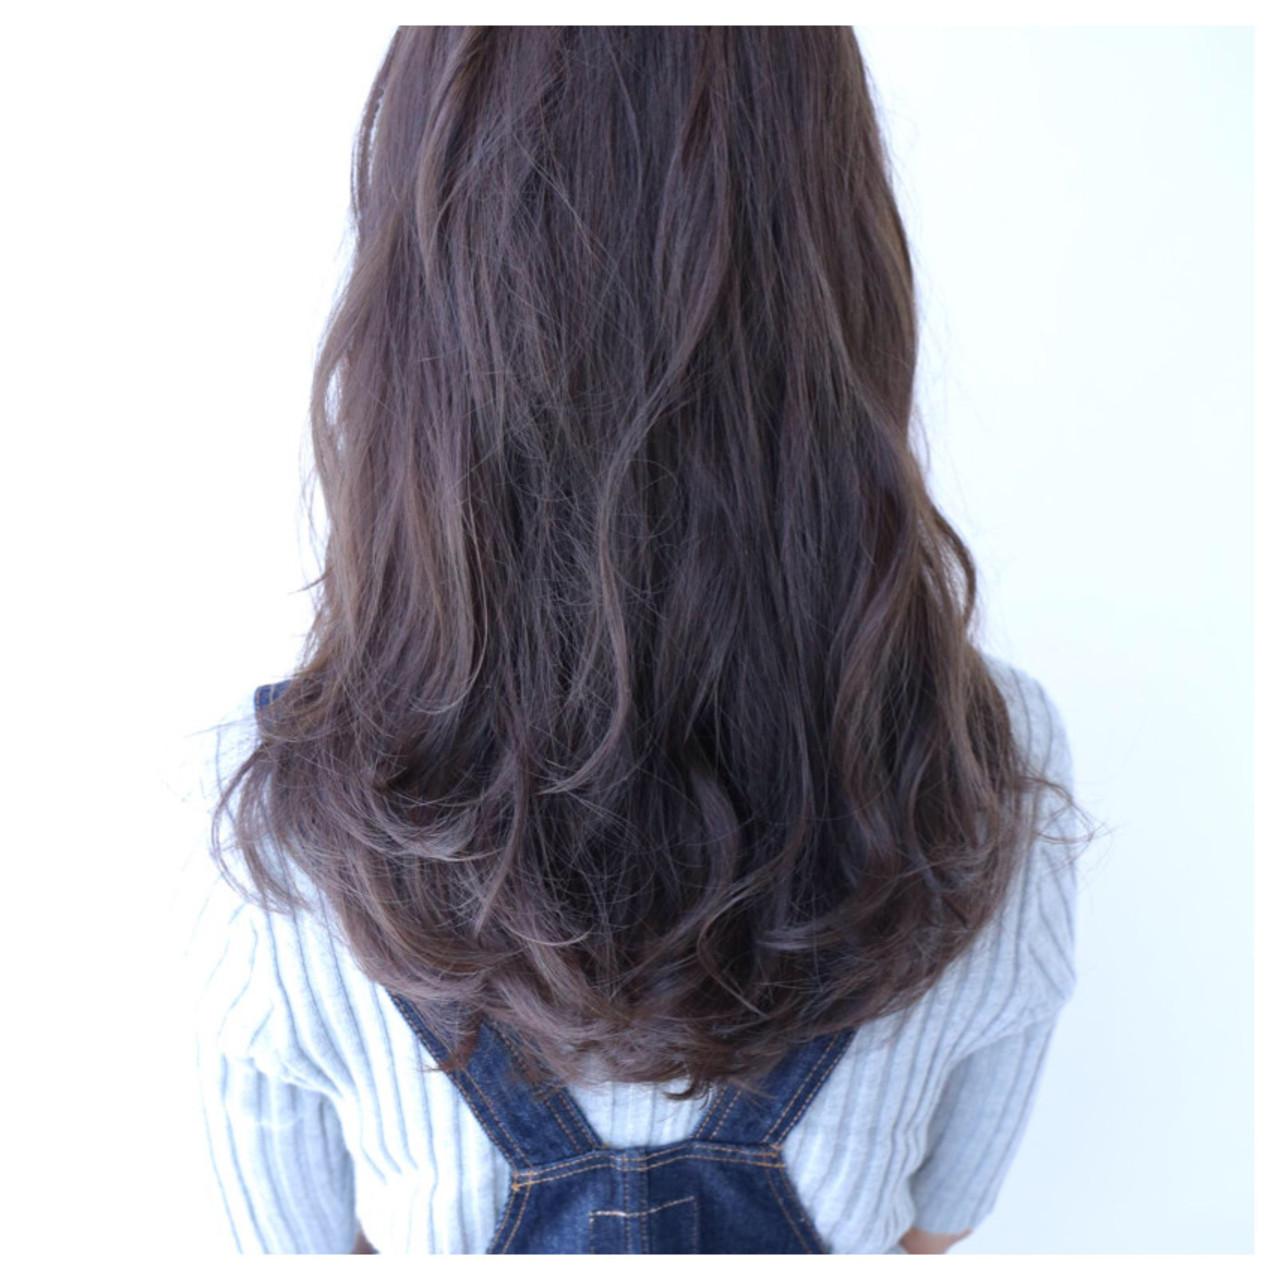 くせ毛風 黒髪 アッシュ ロング ヘアスタイルや髪型の写真・画像